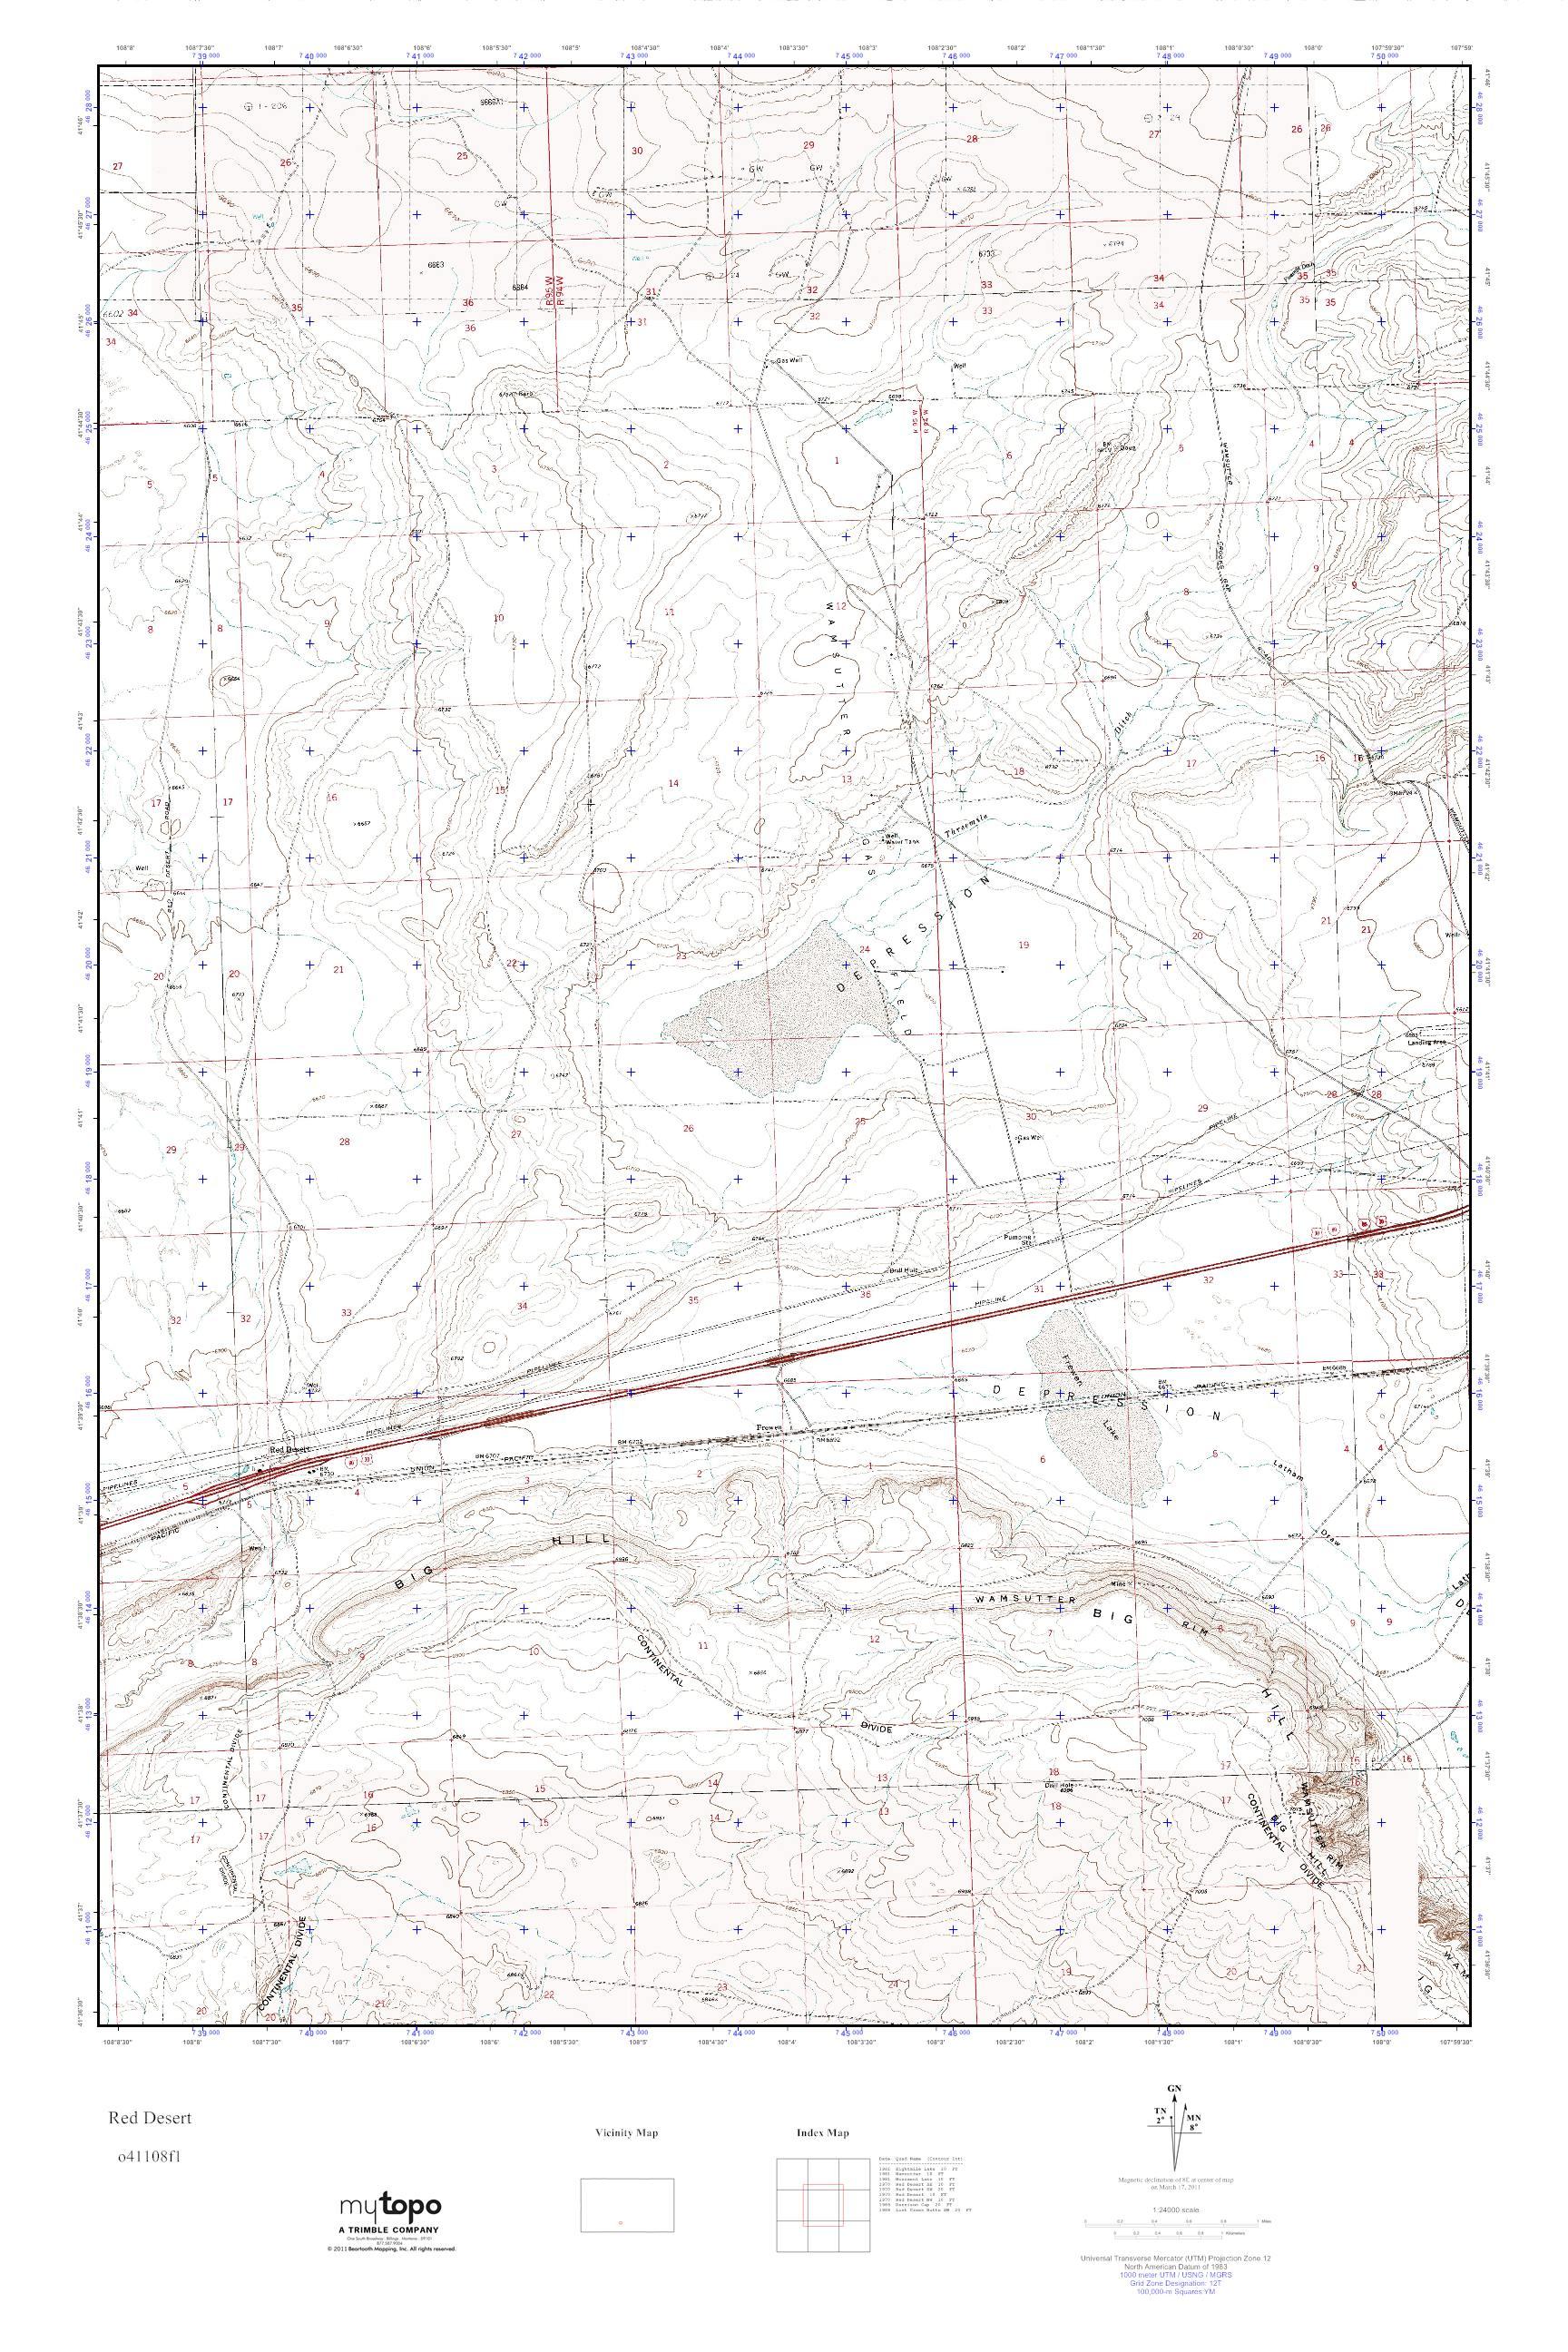 Mytopo Red Desert Wyoming Usgs Quad Topo Map